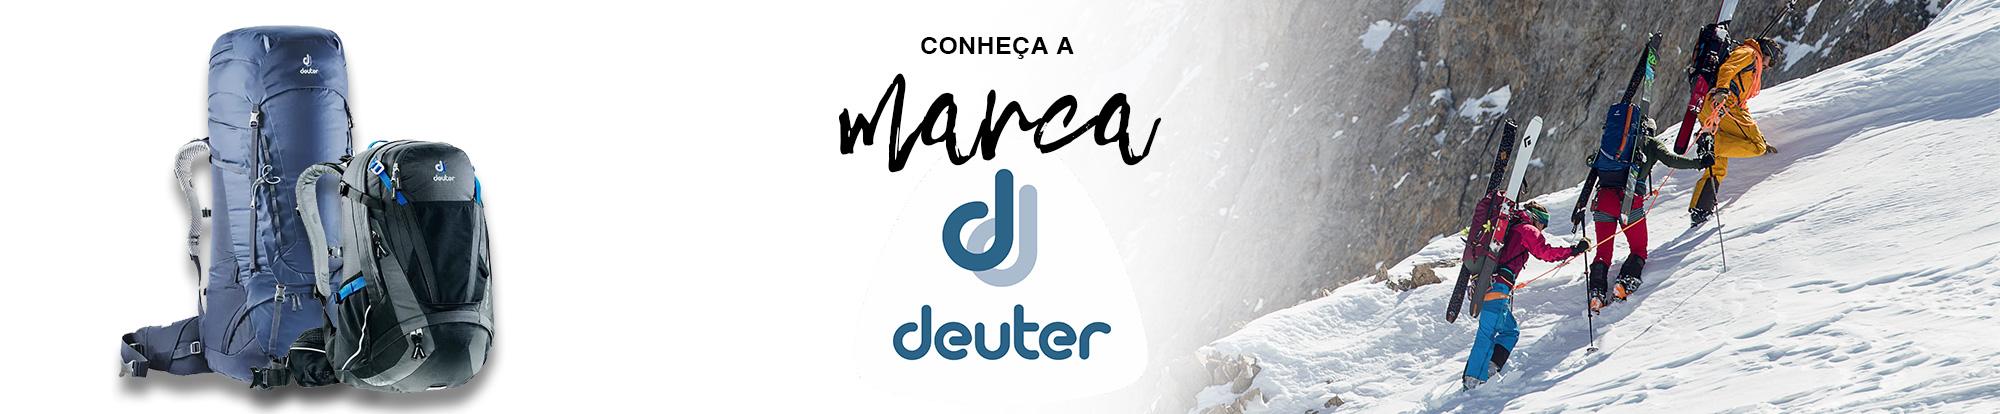 Banner Deuter